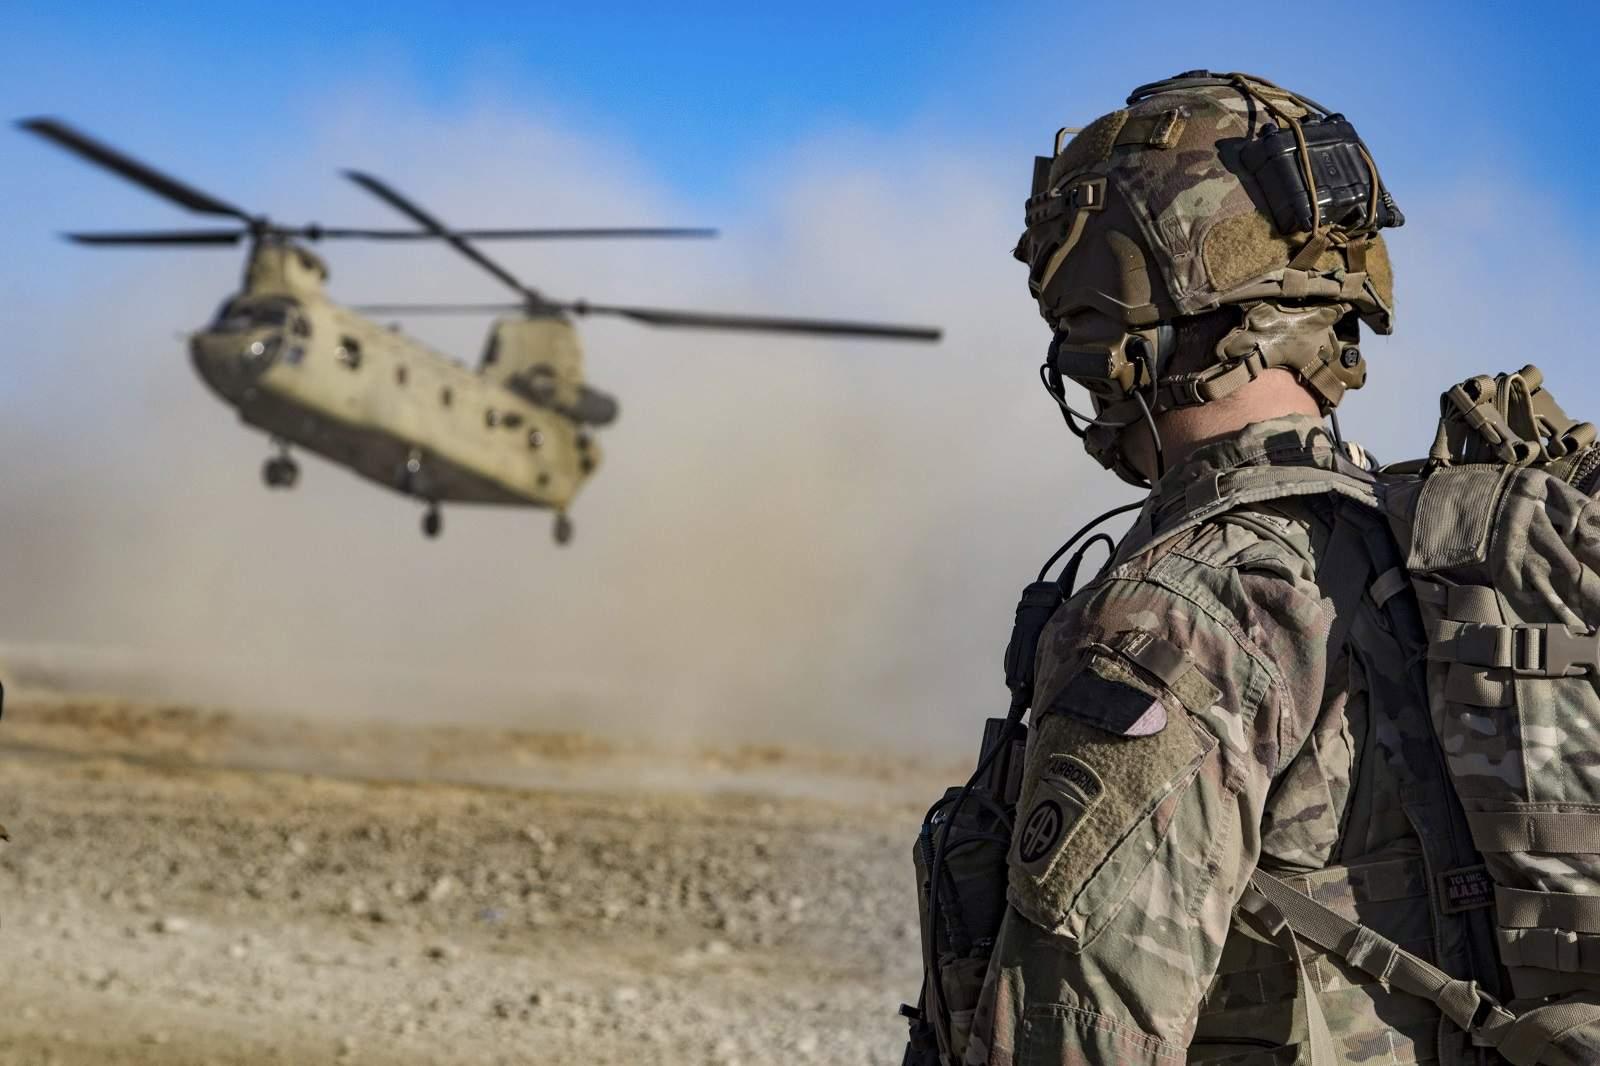 كريستوفر فيليبس يتساءل: هل الانسحاب من سوريا خطوة بايدن التالية بعد أفغانستان؟